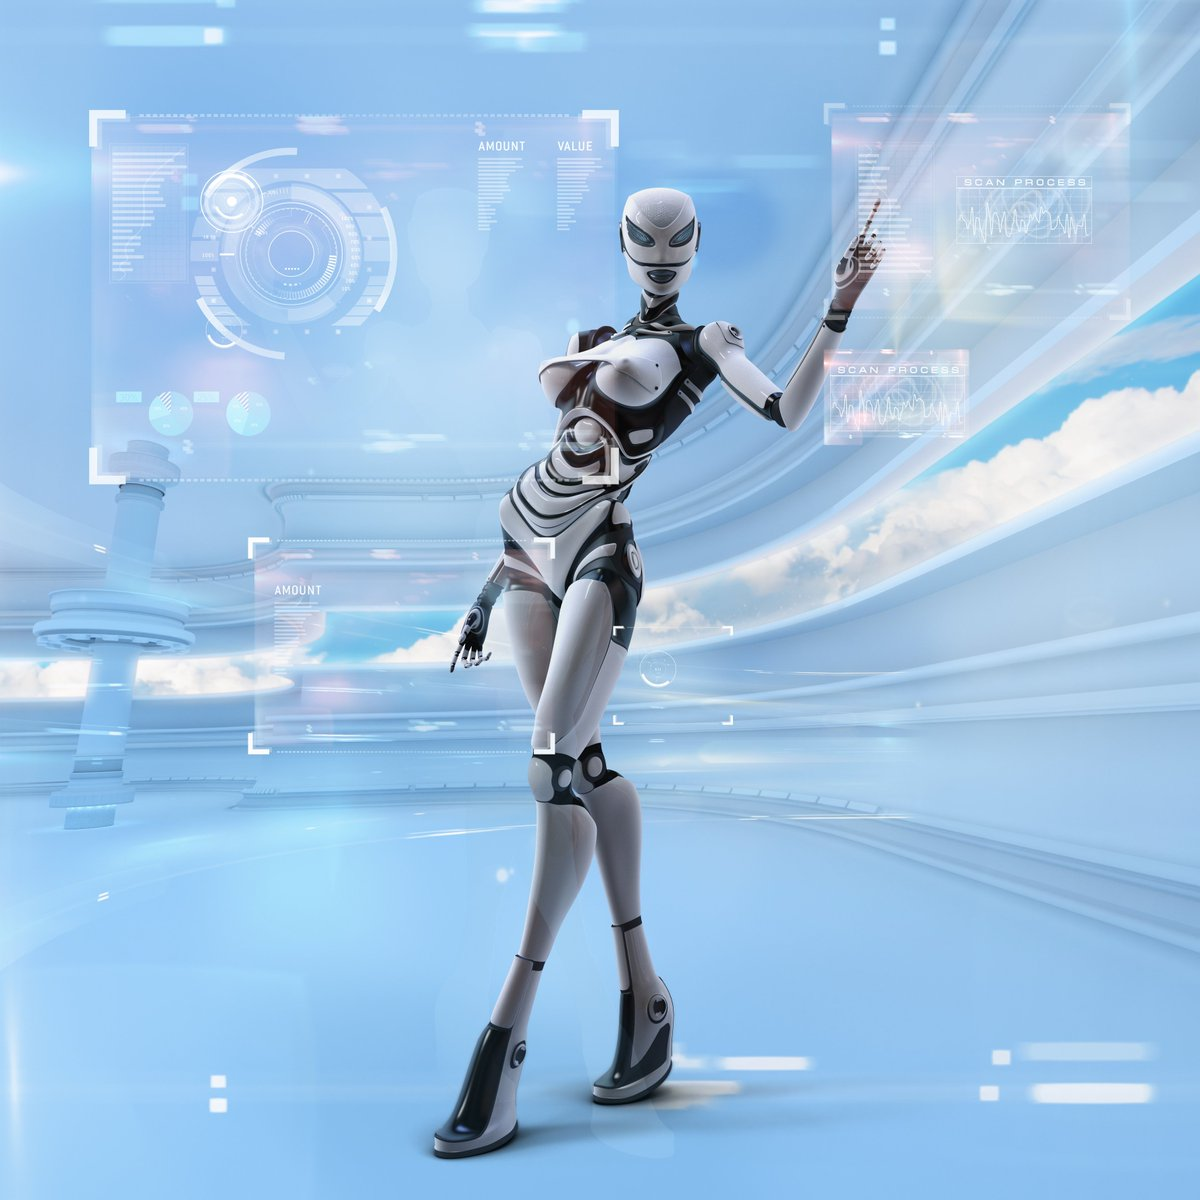 roboti binārajām opcijām pārskata 2020. gadu)